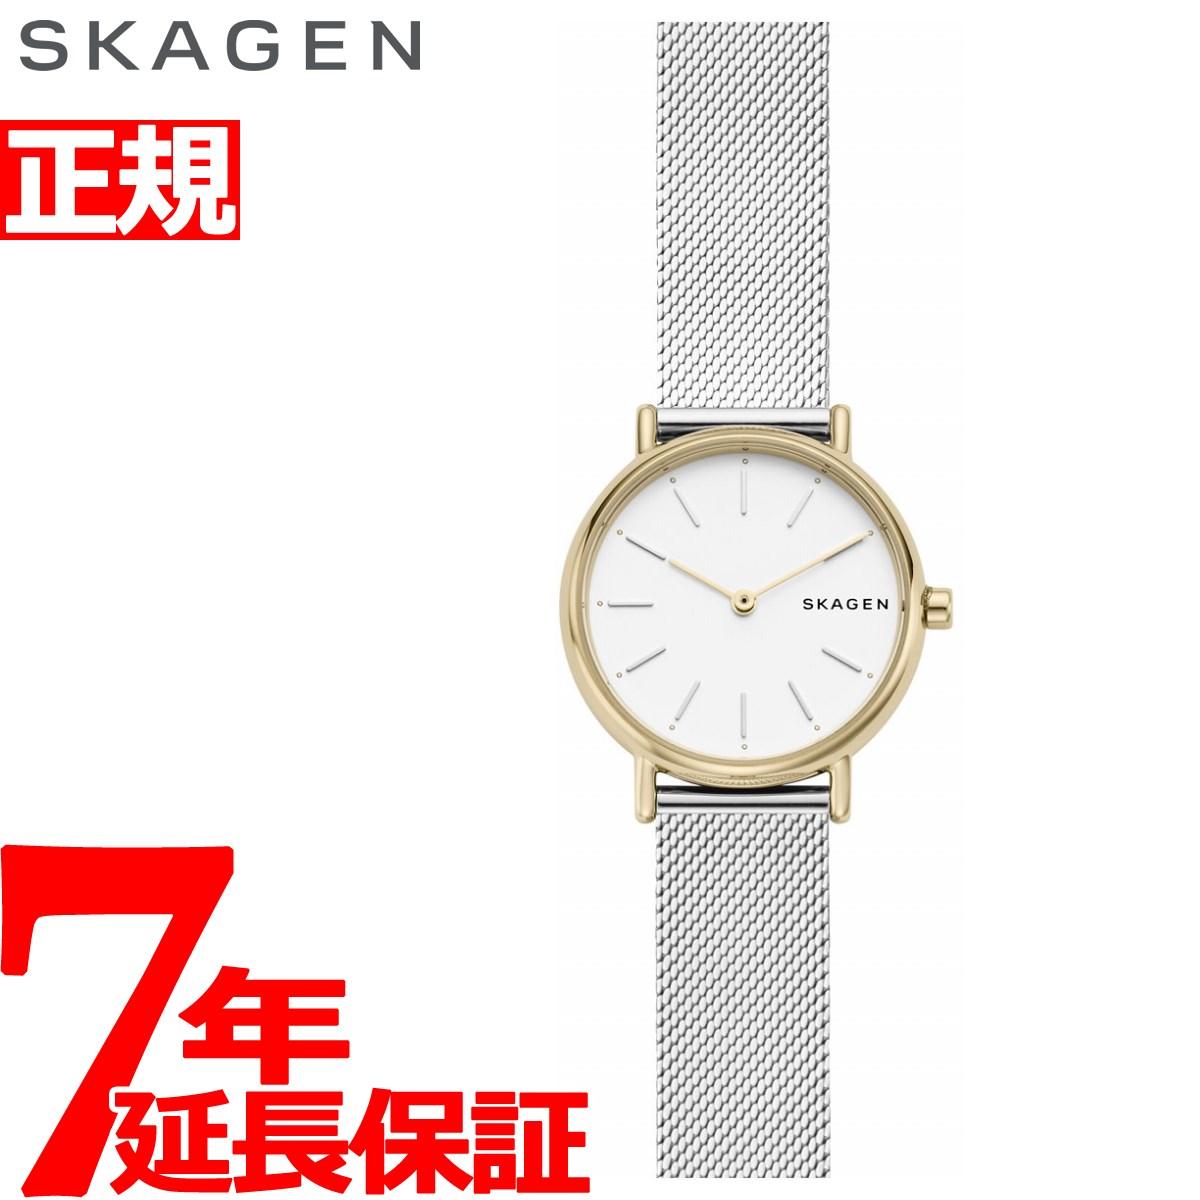 スカーゲン SKAGEN 腕時計 レディース シグネチャー スリム SIGNATUR SLIM SKW2729【2018 新作】